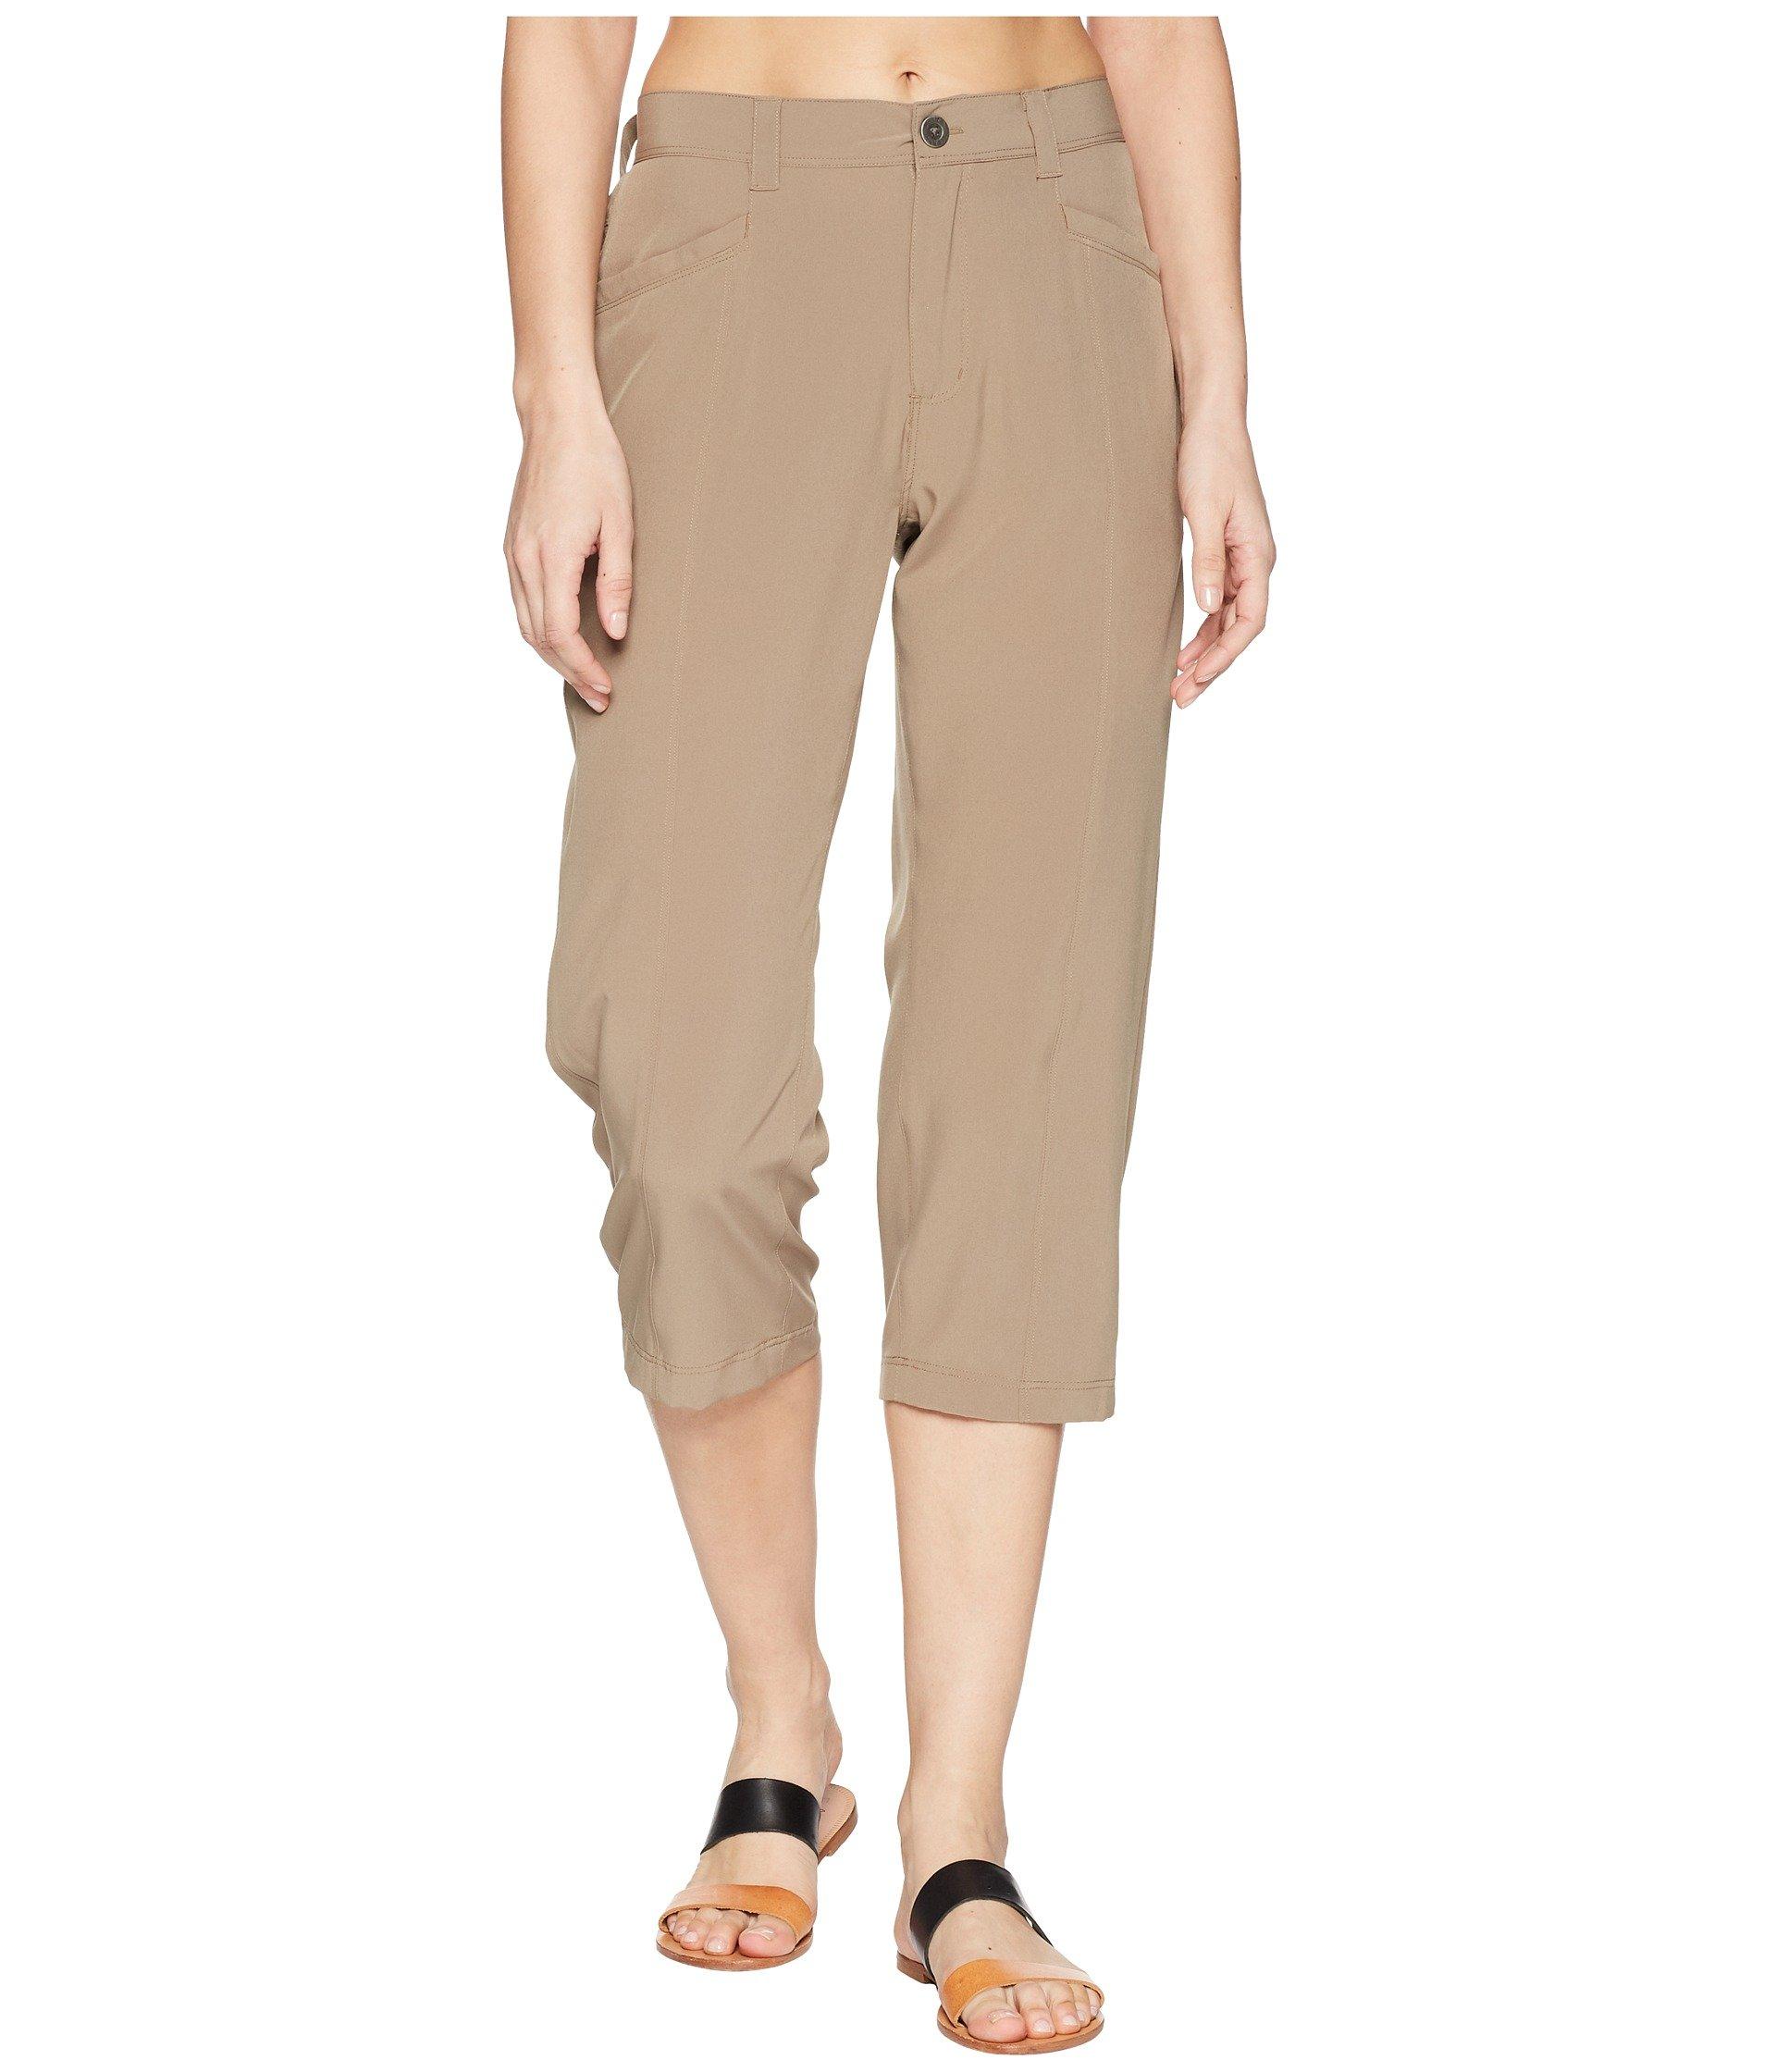 Pantalón para Mujer White Sierra Mt. Tamalpais Stretch Capris  + White Sierra en VeoyCompro.net